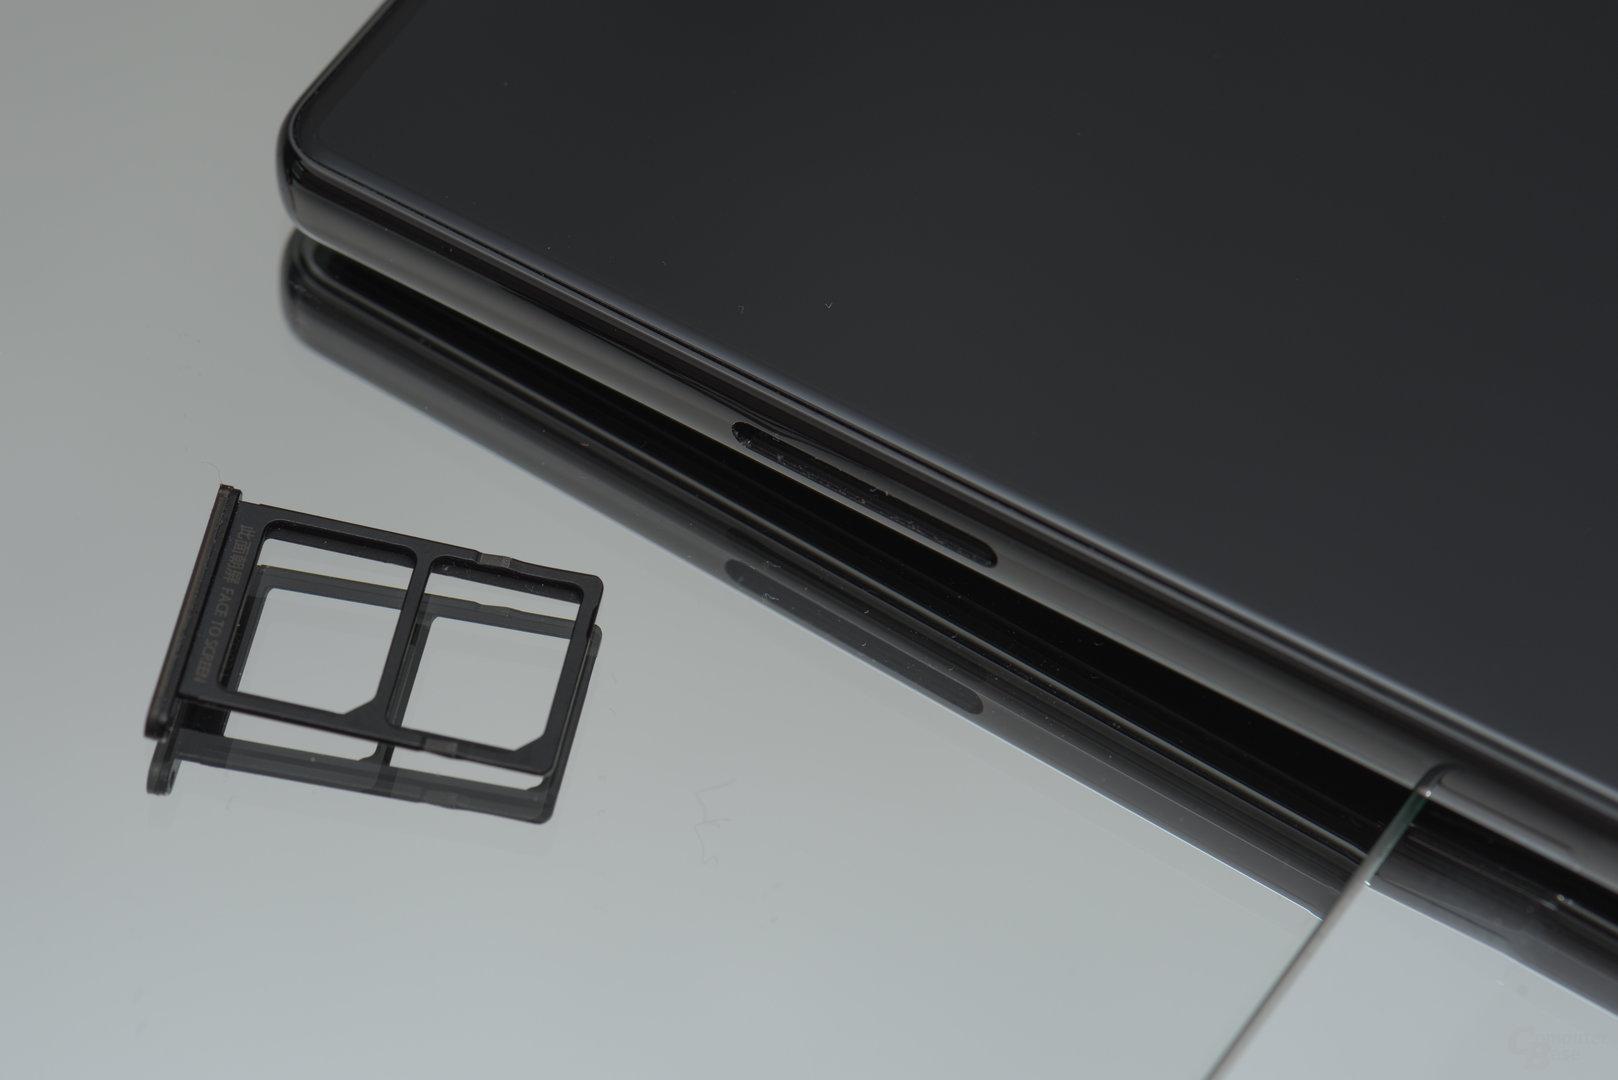 Der Schacht bietet Platz für zwei SIM-Karten